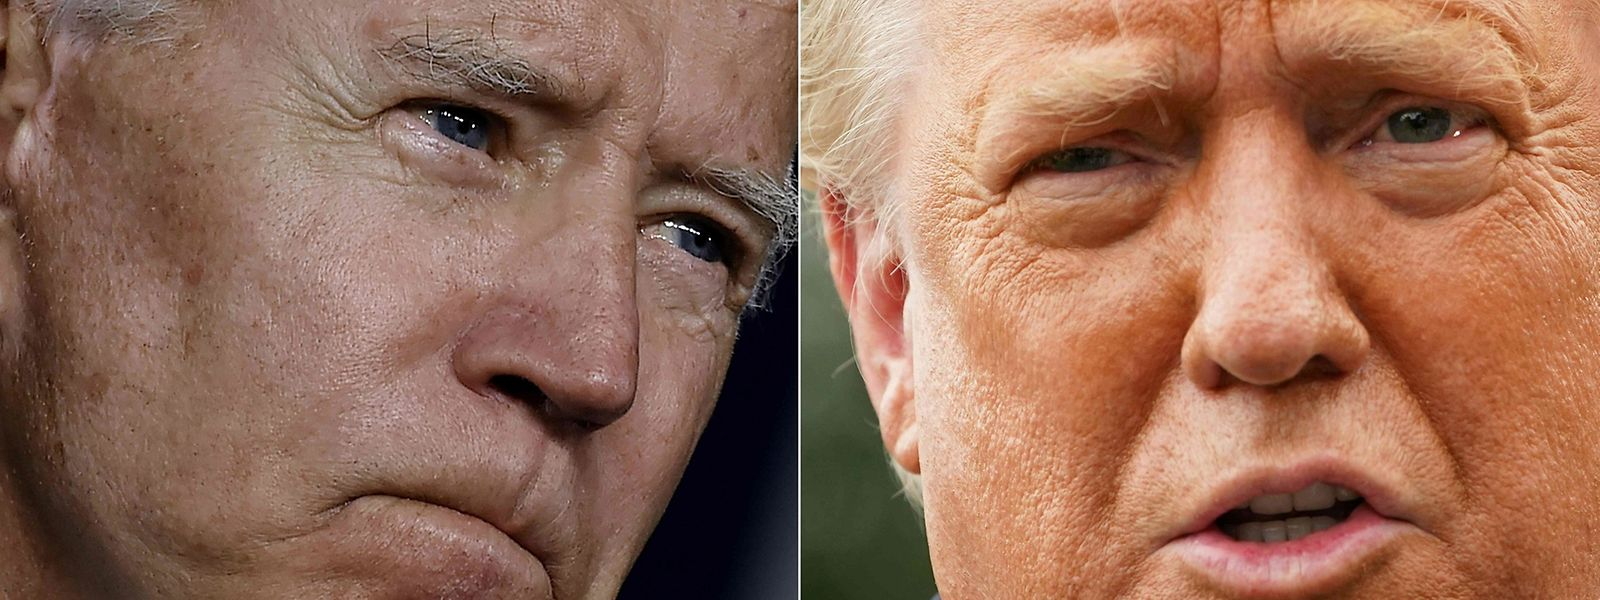 US-Präsident Donald Trump und sein demokratischer Herausforderer Joe Biden treffen vor der Wahl am 3. November in der Nacht von Dienstag auf Mittwoch bei ihrem ersten TV-Duell aufeinander.